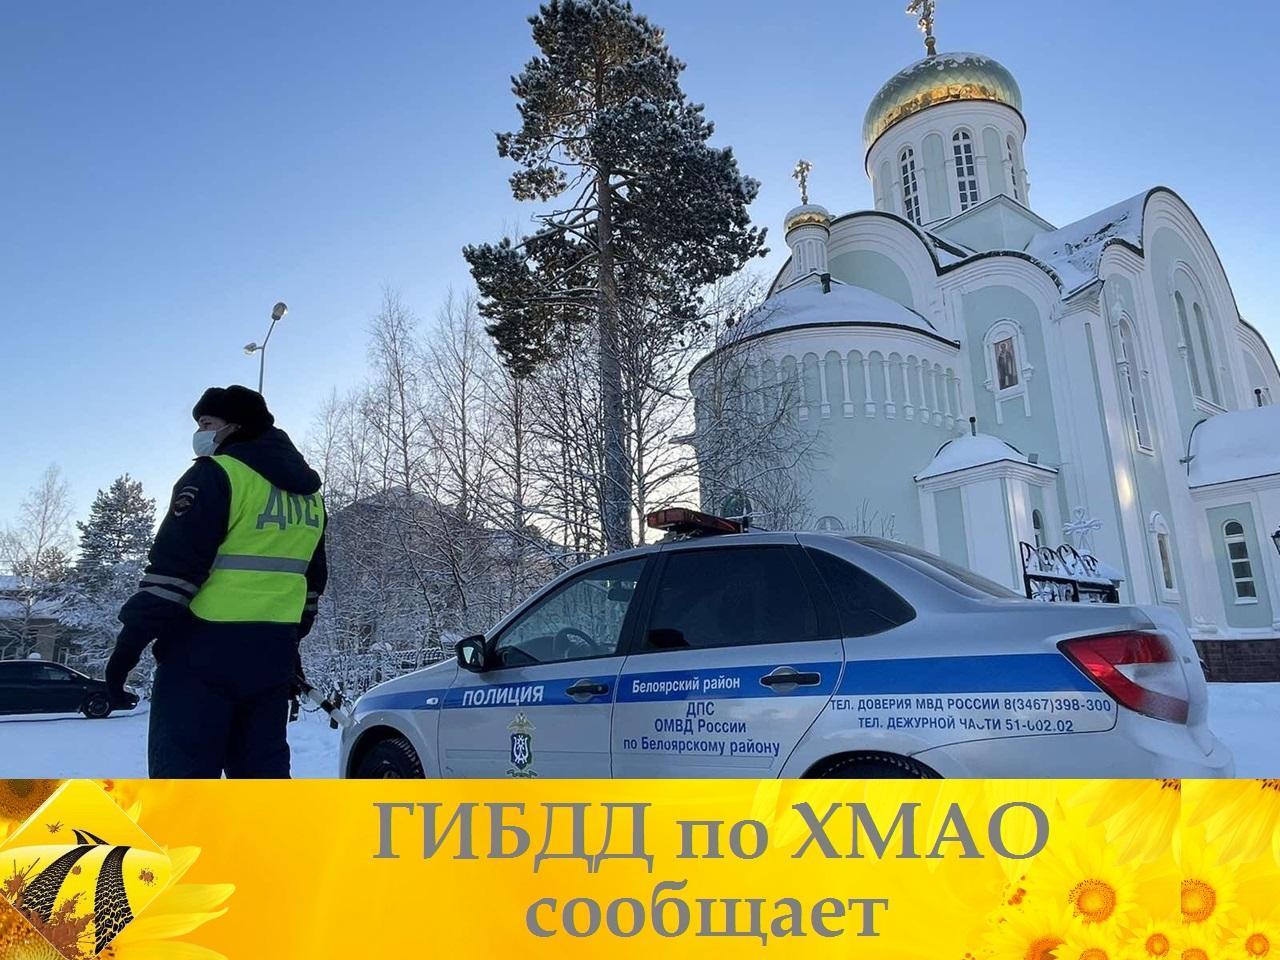 Сводка Госавтоинспекции за 3 февраля 2021 года